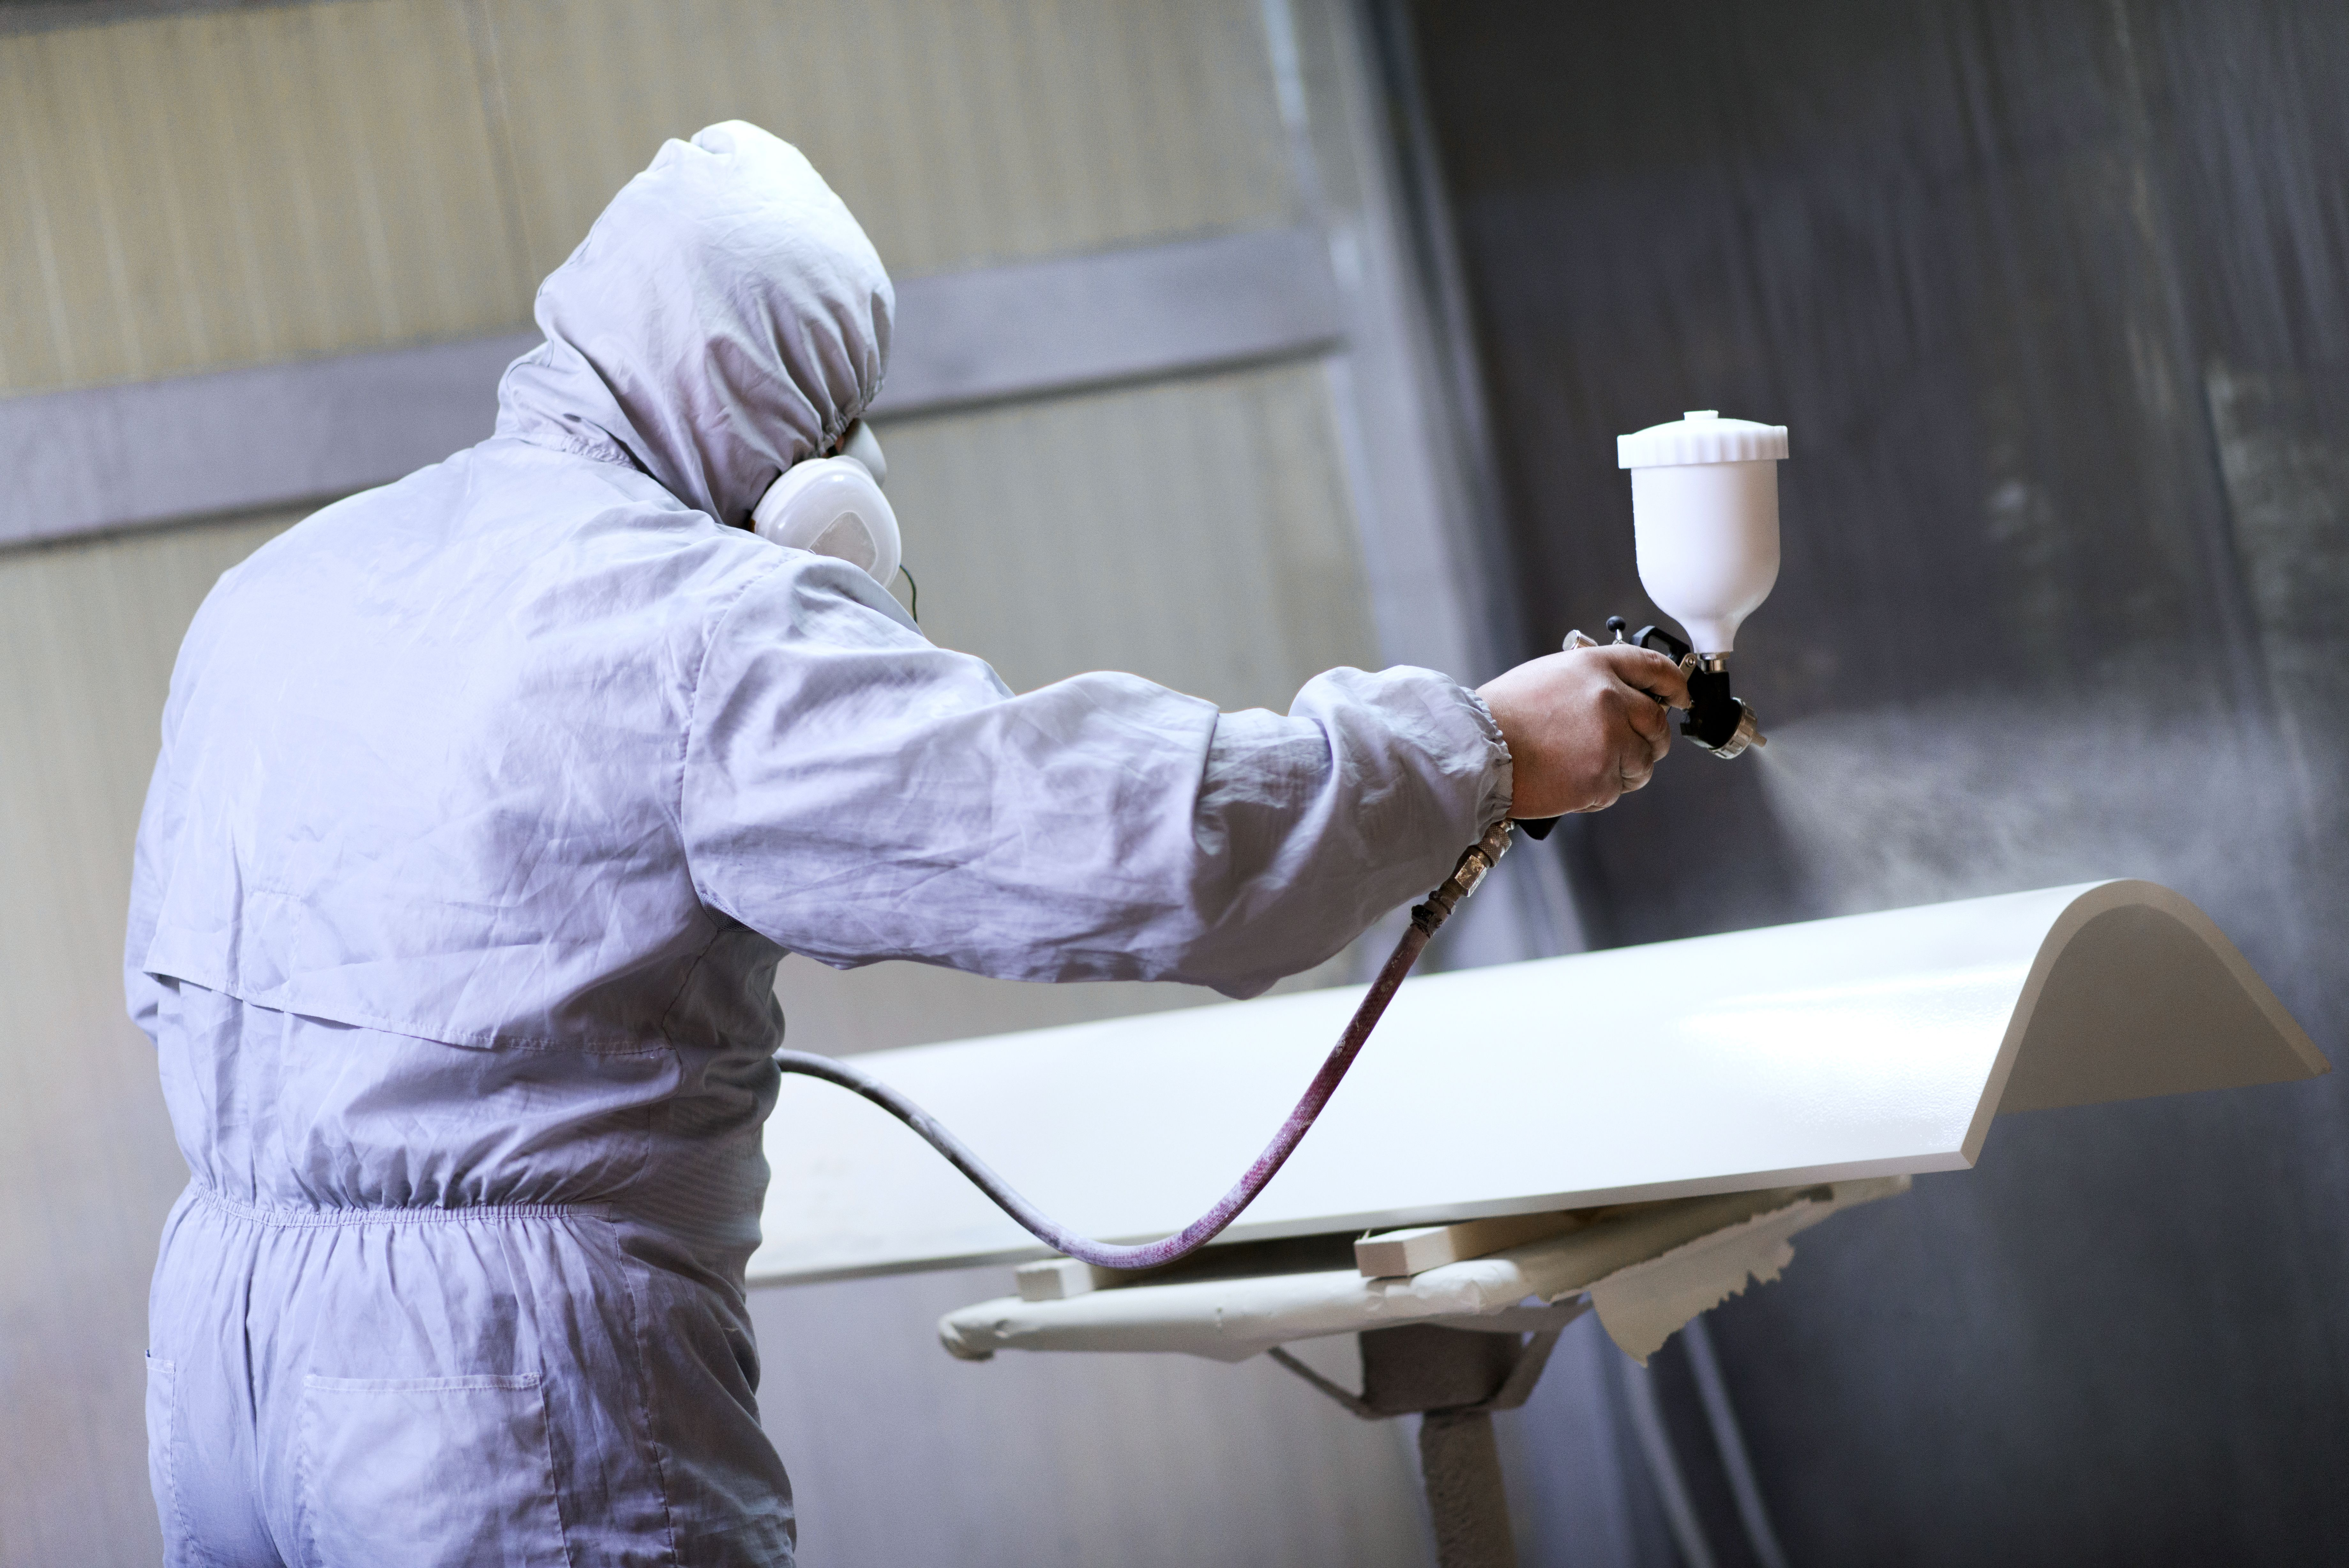 Servicios de chapa y pintura en nuestro taller mecánico en Getxo